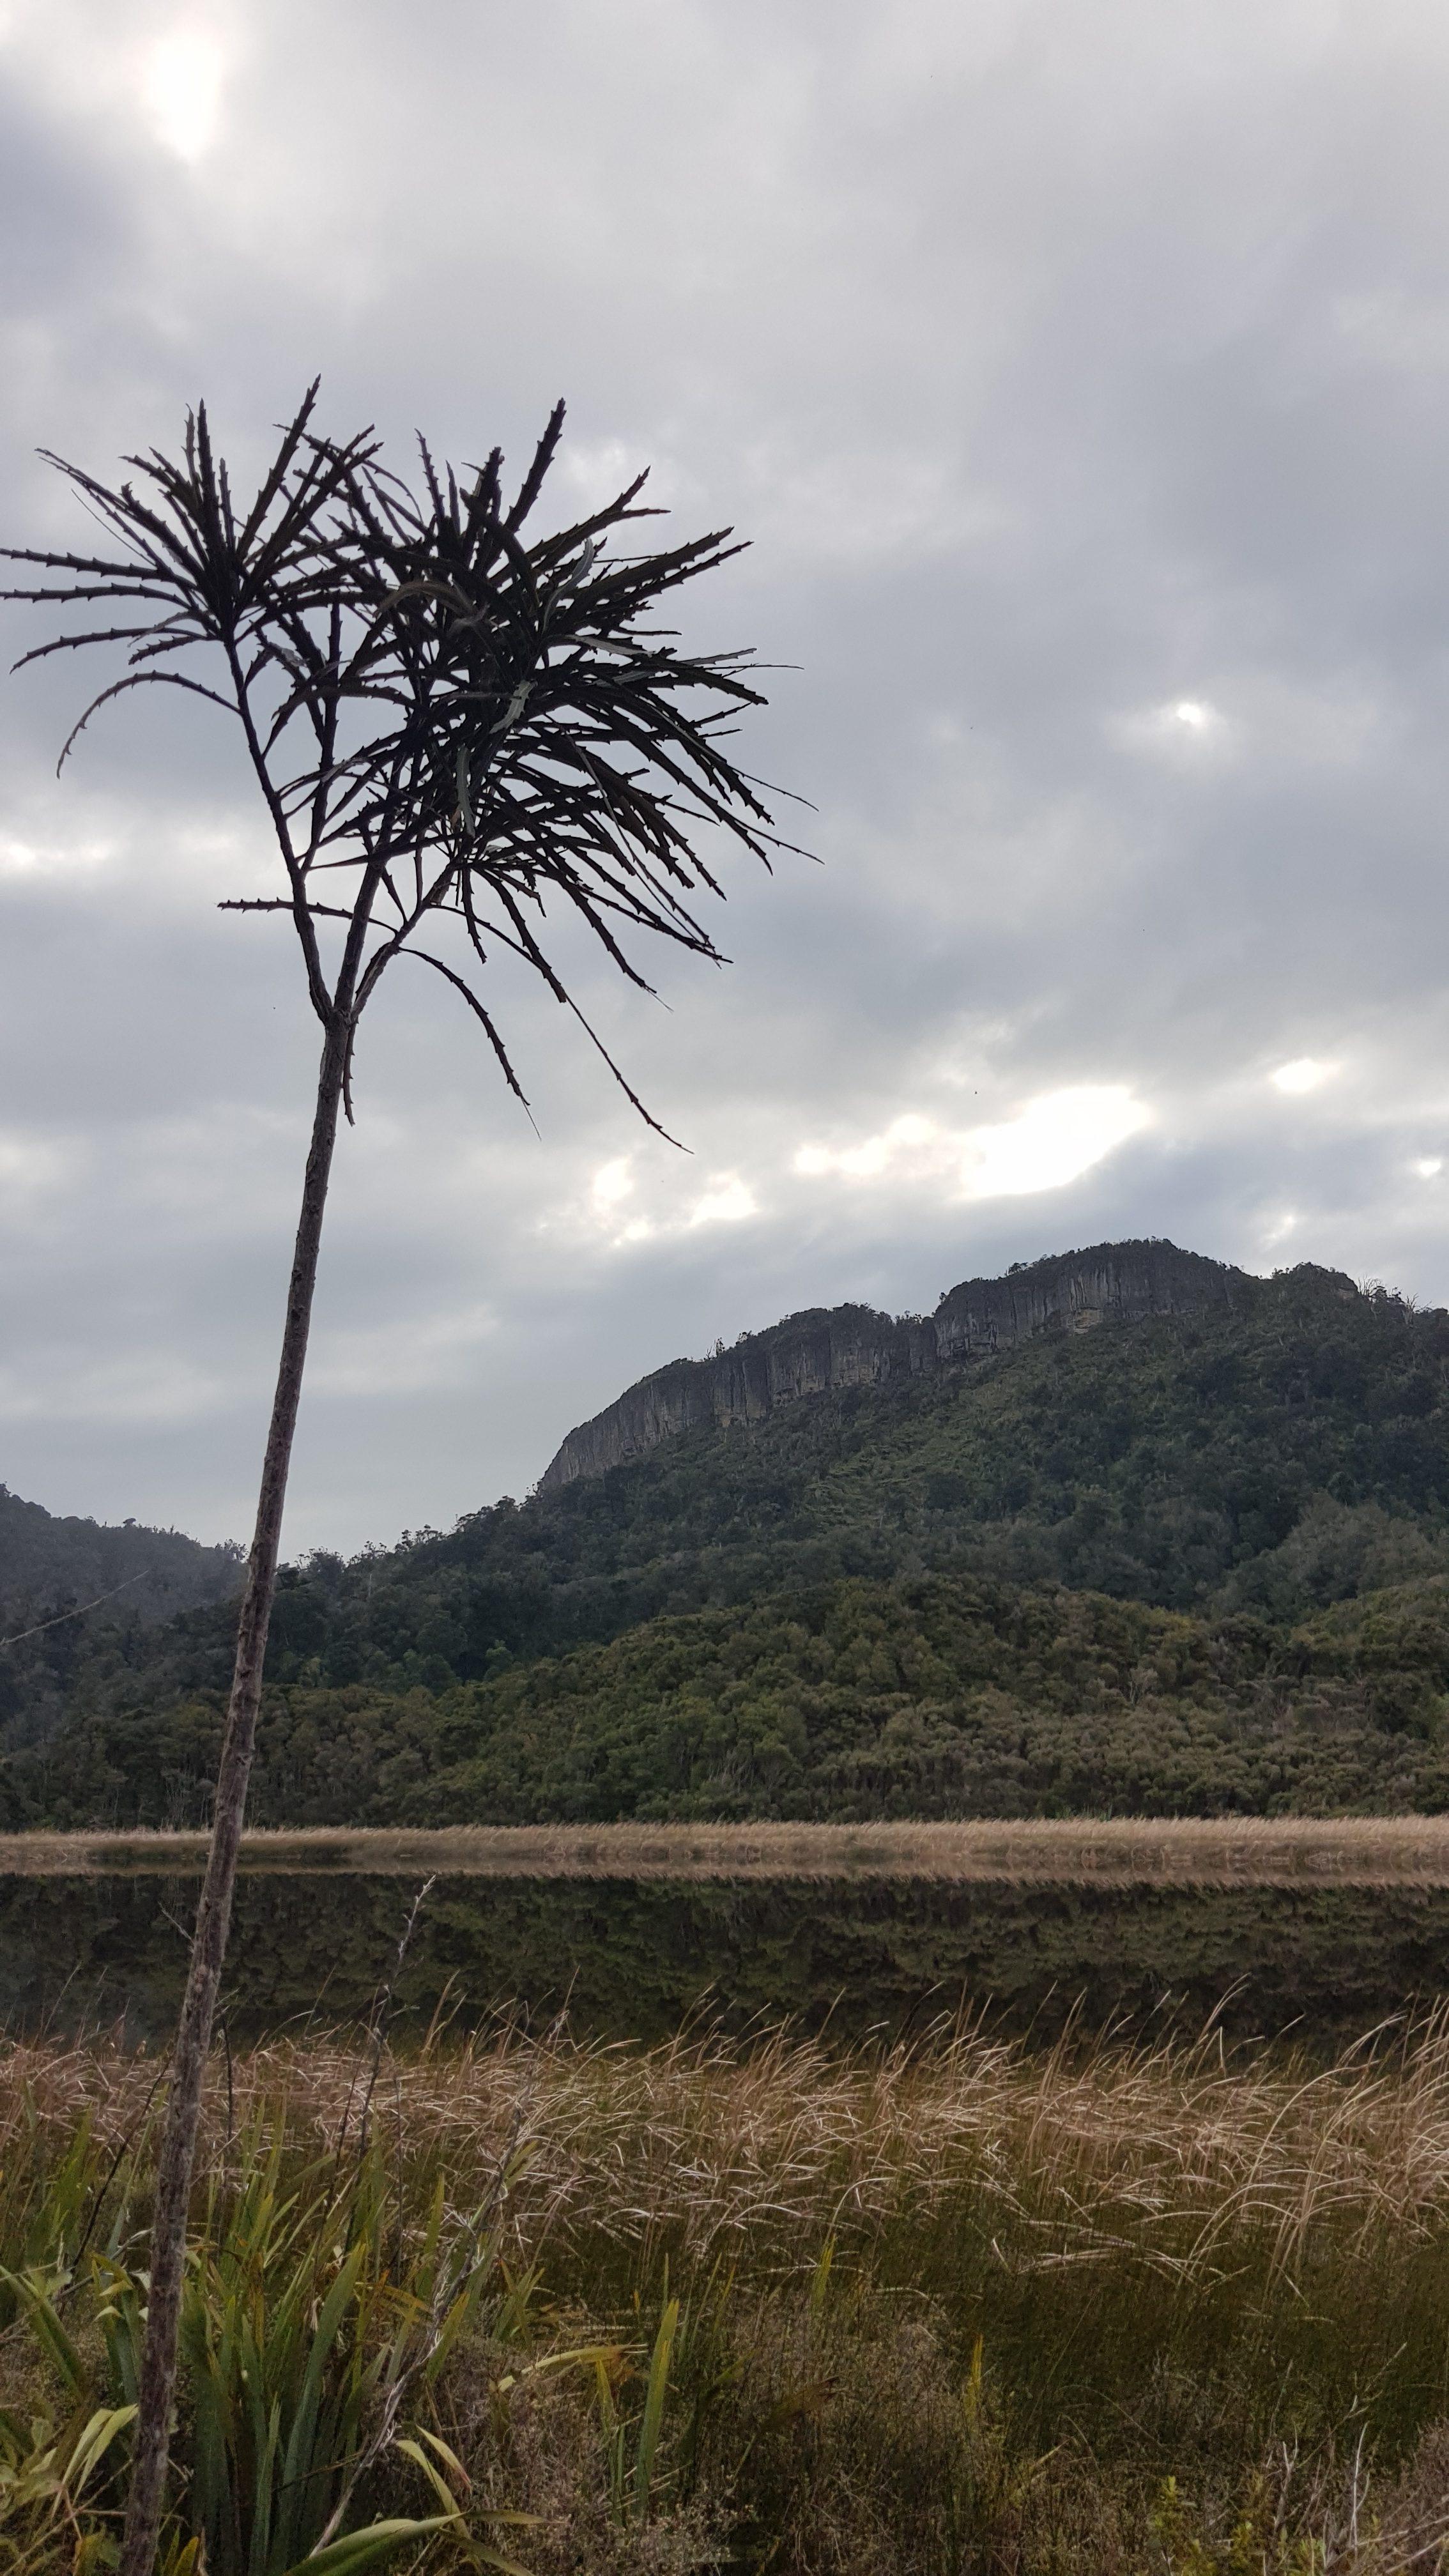 Mangarākau swamp